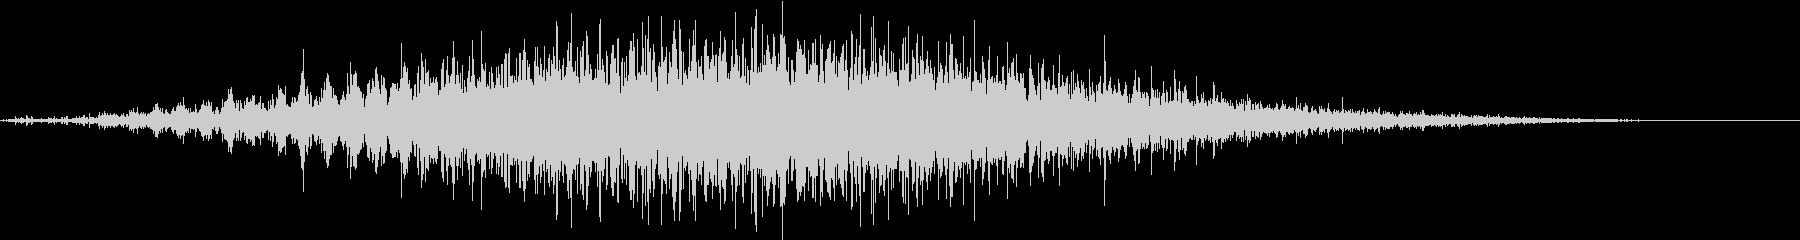 音侍SE「フルフル〜」軽快な振り鈴の音の未再生の波形